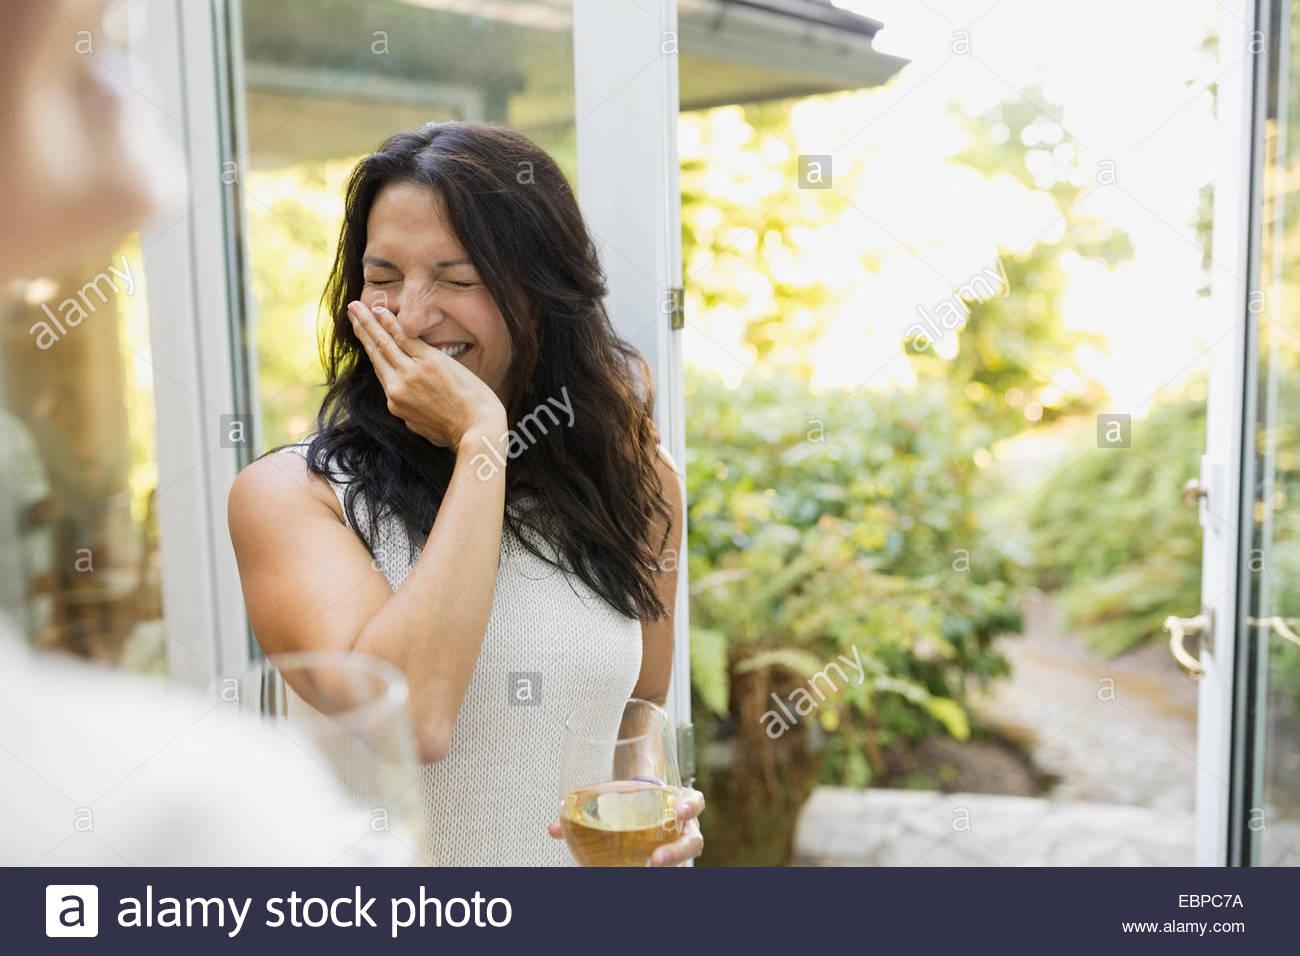 Donna con vino bianco ridere in cucina Foto Stock